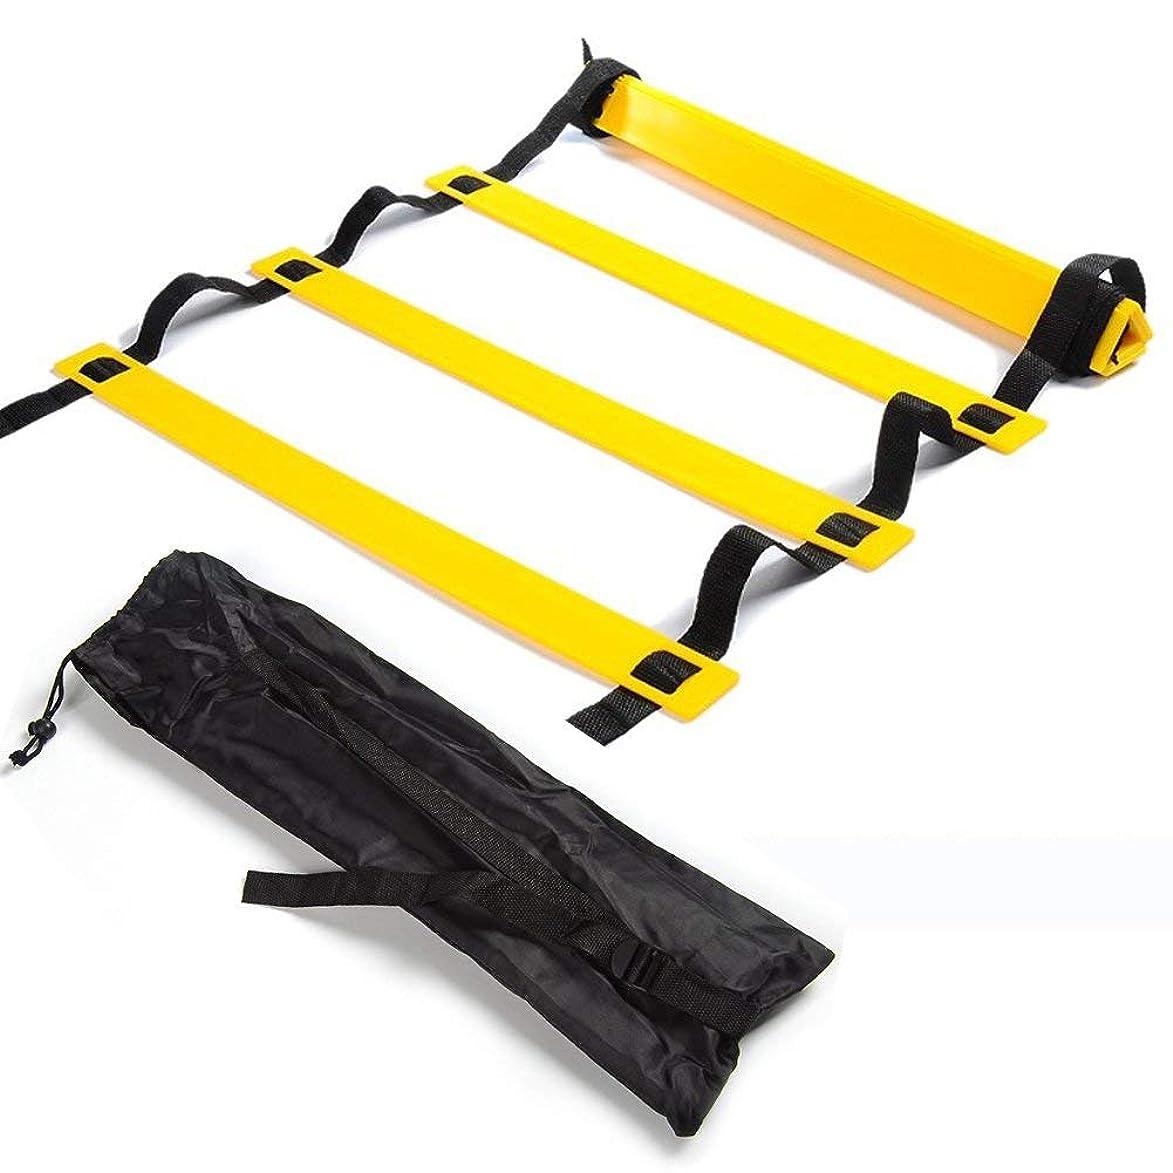 拮抗するプランテーション文字通りトレーニングラダー PKDREAMER 連結可能 スピードラダー 野球 サッカー テニス 練習 調節可能 敏捷性 瞬発力 柔軟性 アップ 収納袋付き